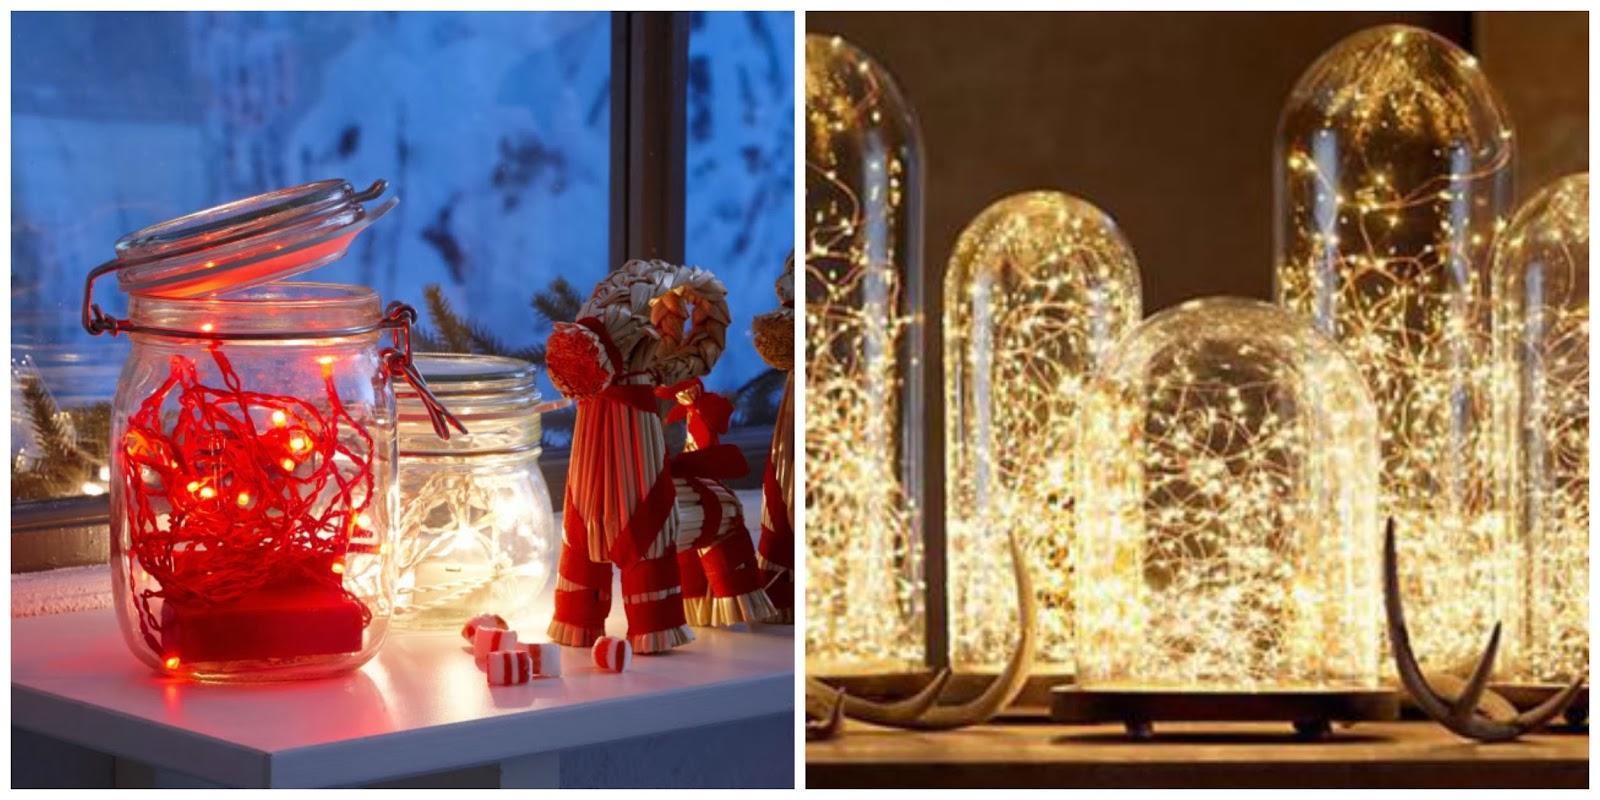 Como adornar tu casa en navidad excellent decoracion de - Adornar la casa en navidad ...